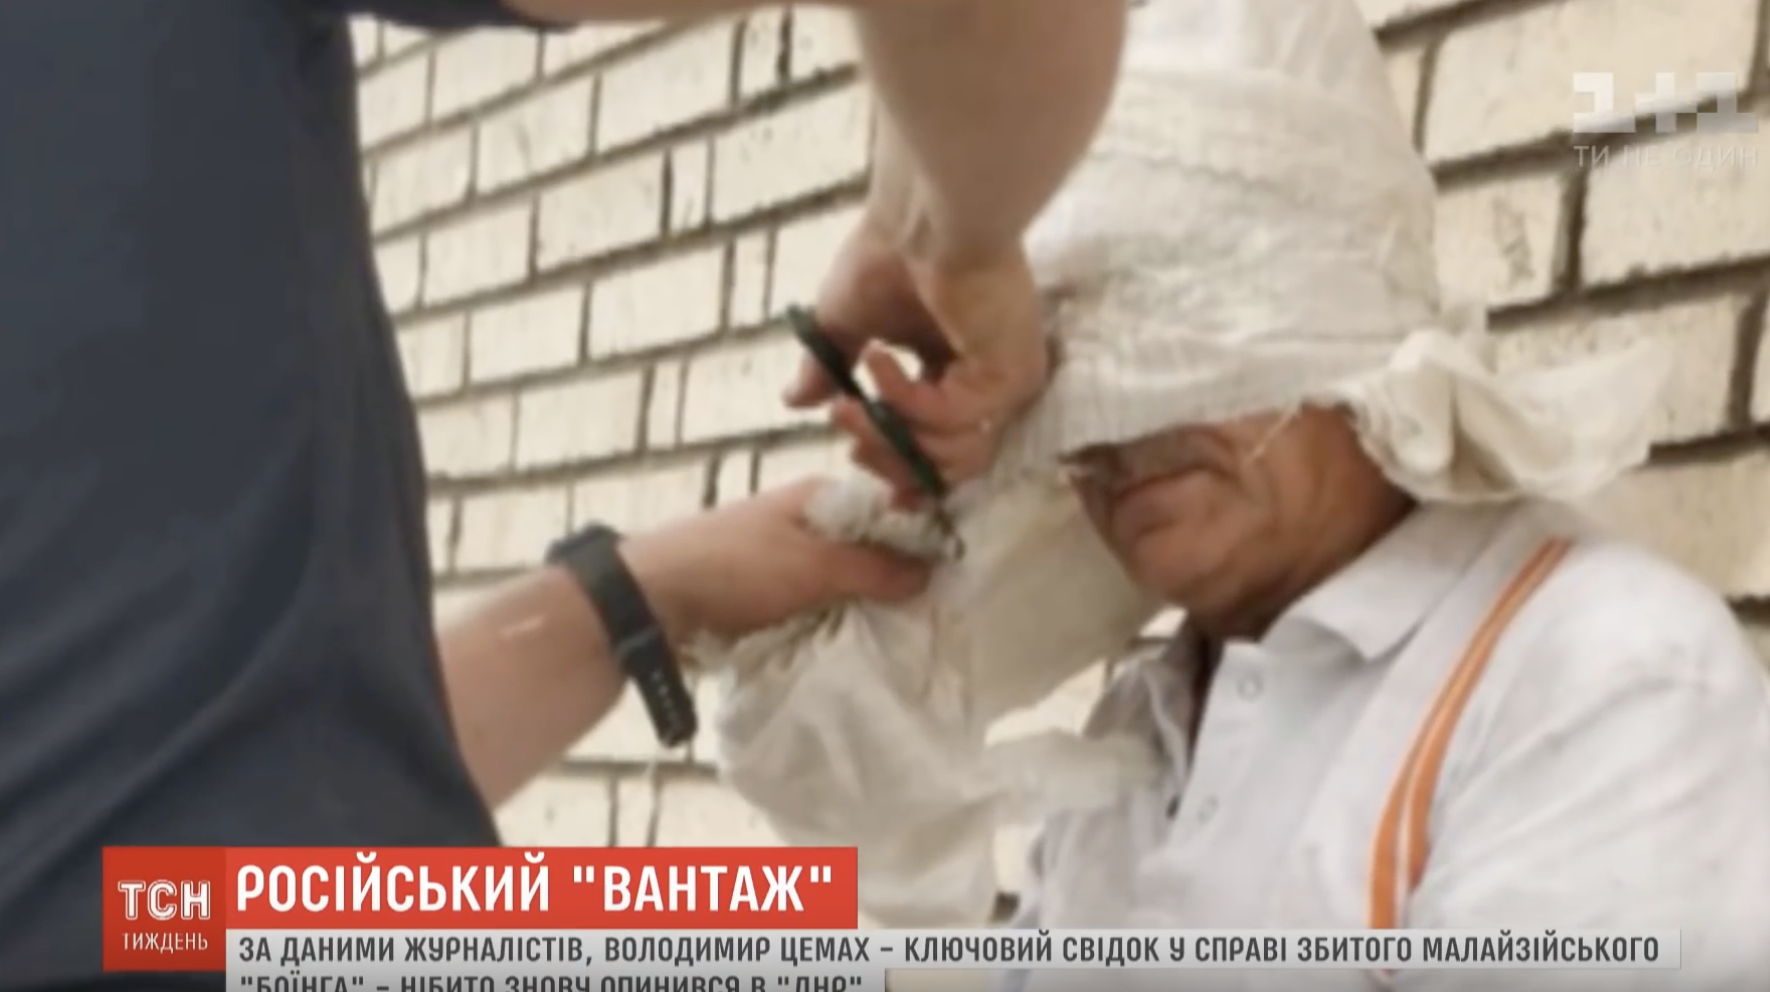 Цемах, днр, война на Донбассе, Новости Украины, ато, оос, поймали, обмен пленными